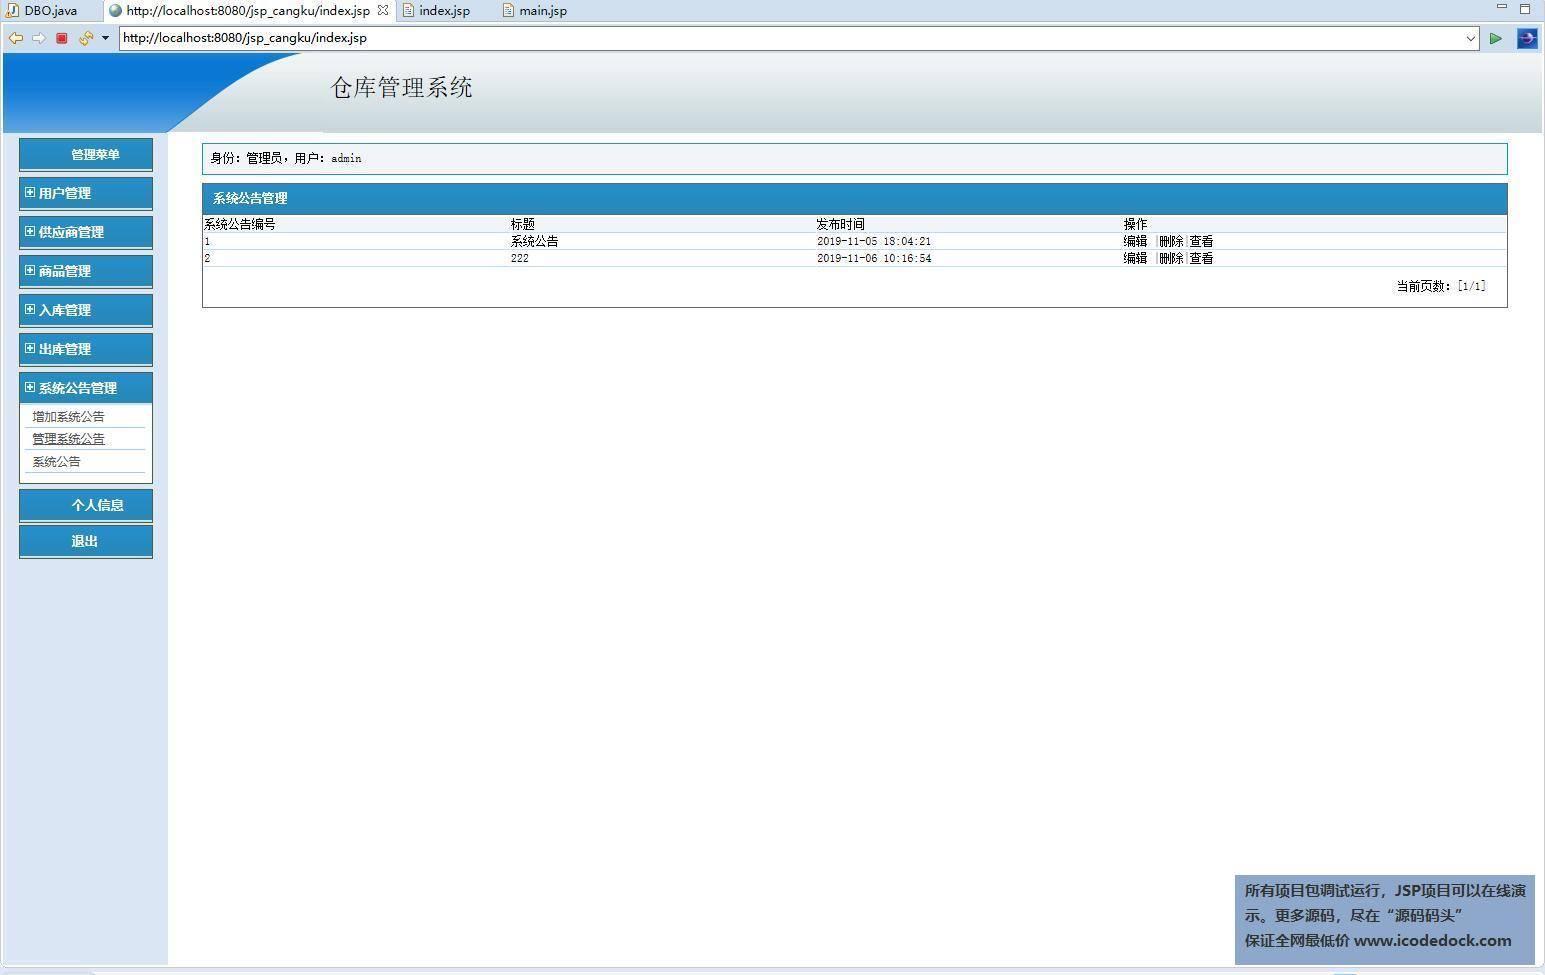 源码码头-JSP仓库管理系统-管理员角色-系统公告管理